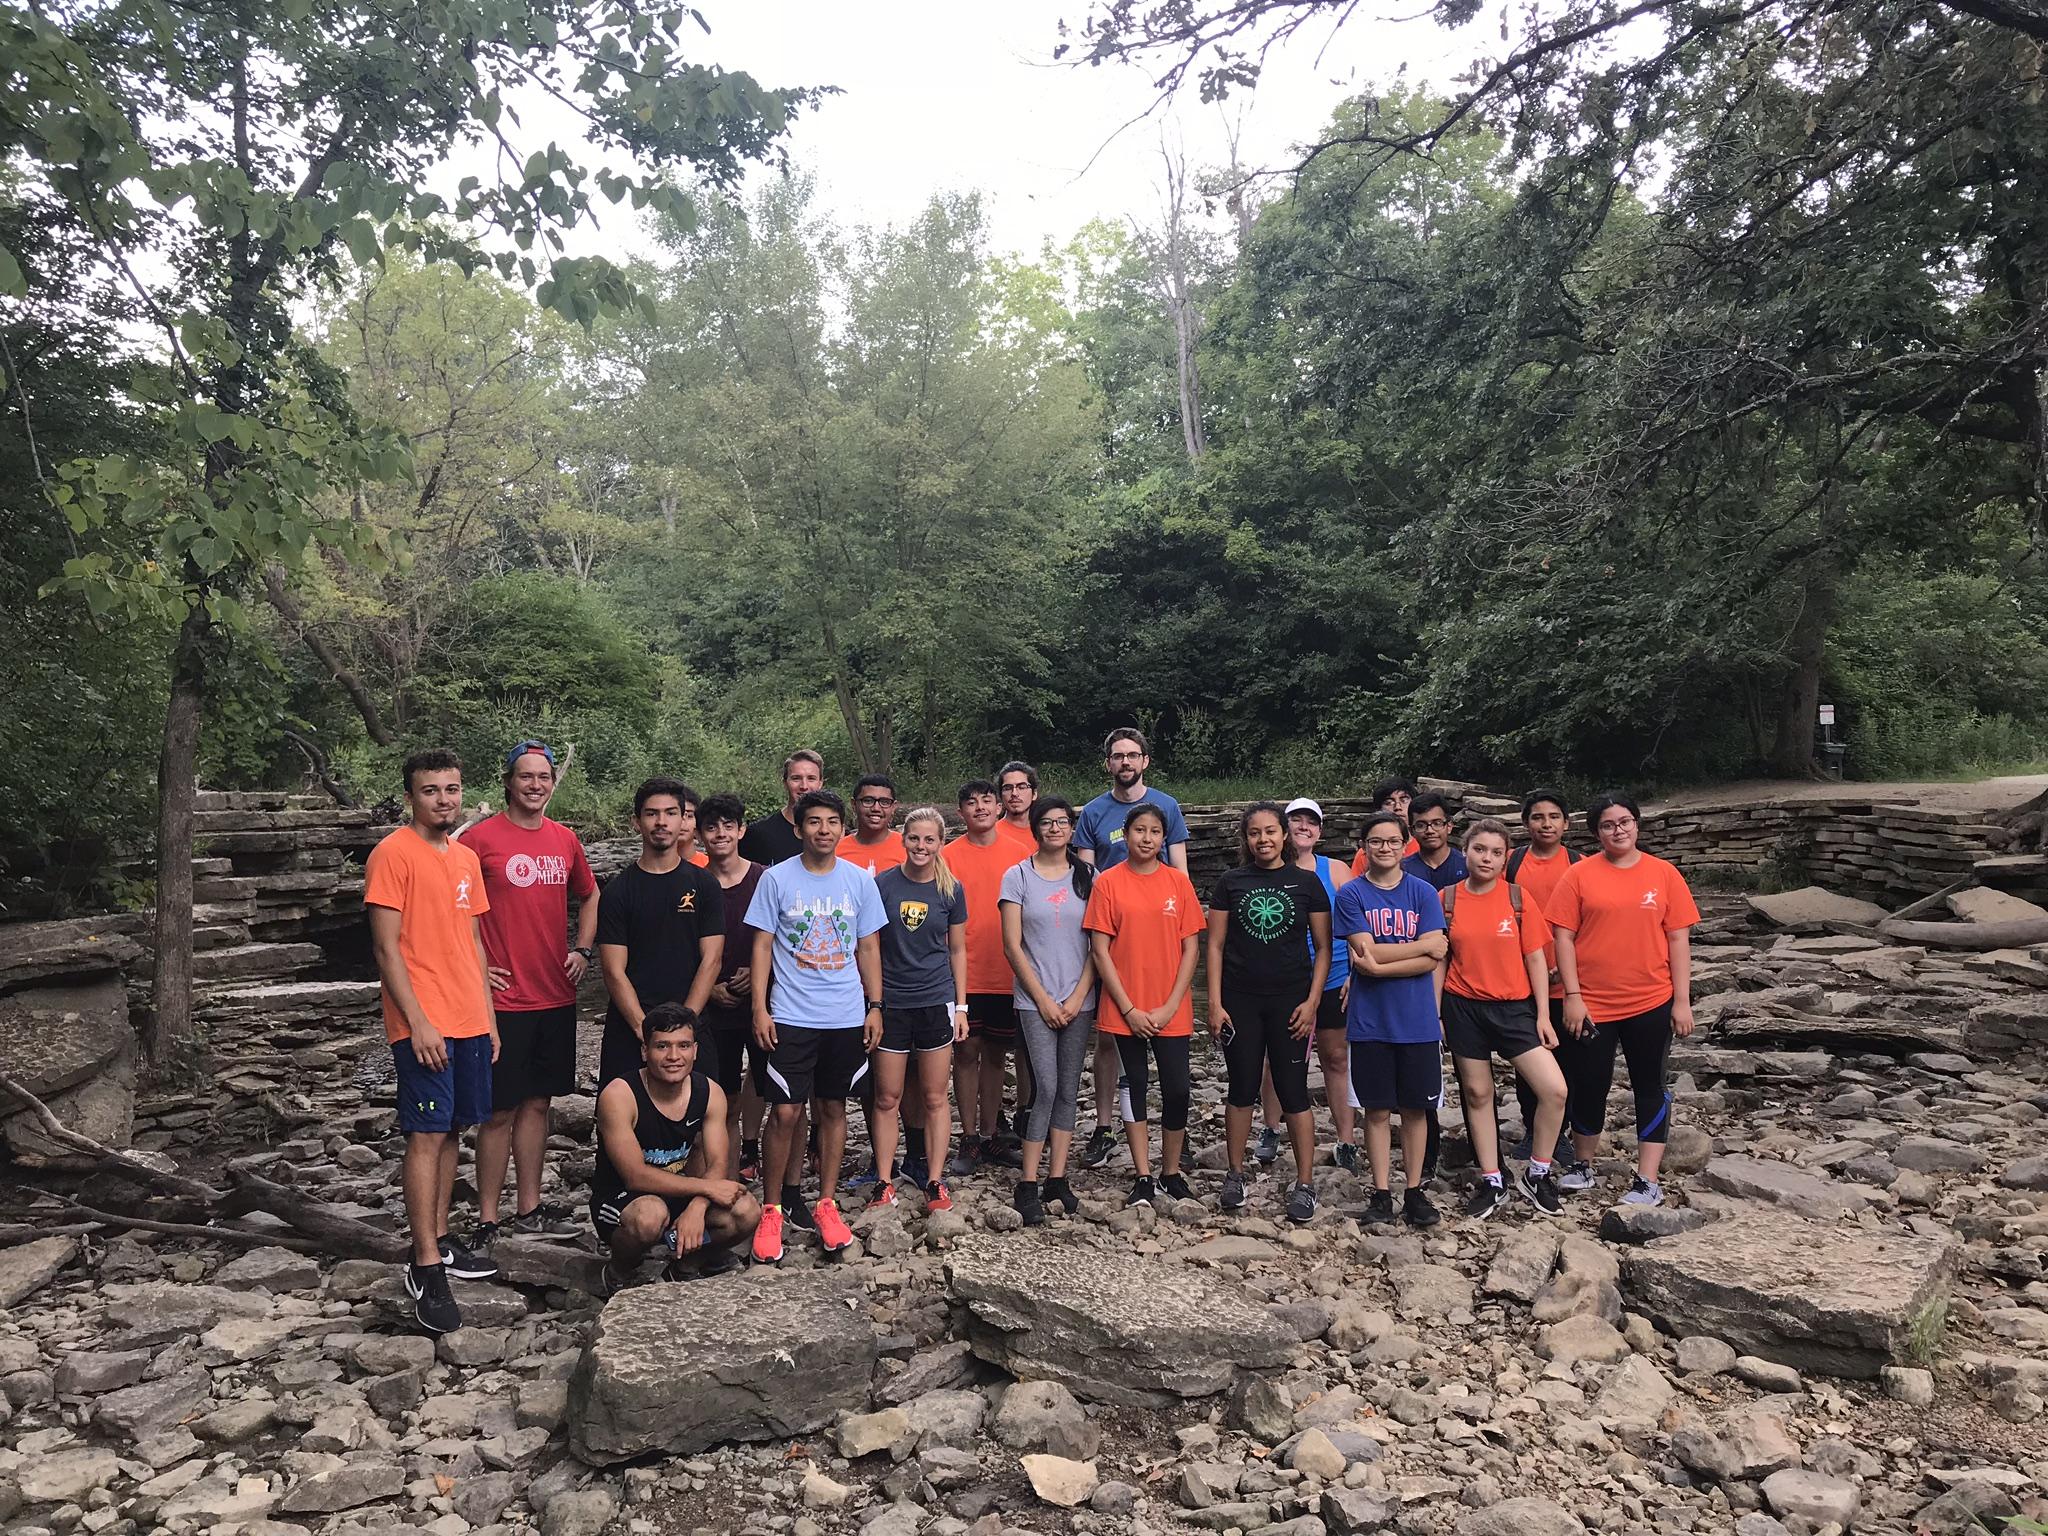 Trail Run Aug 2018 (9).jpeg